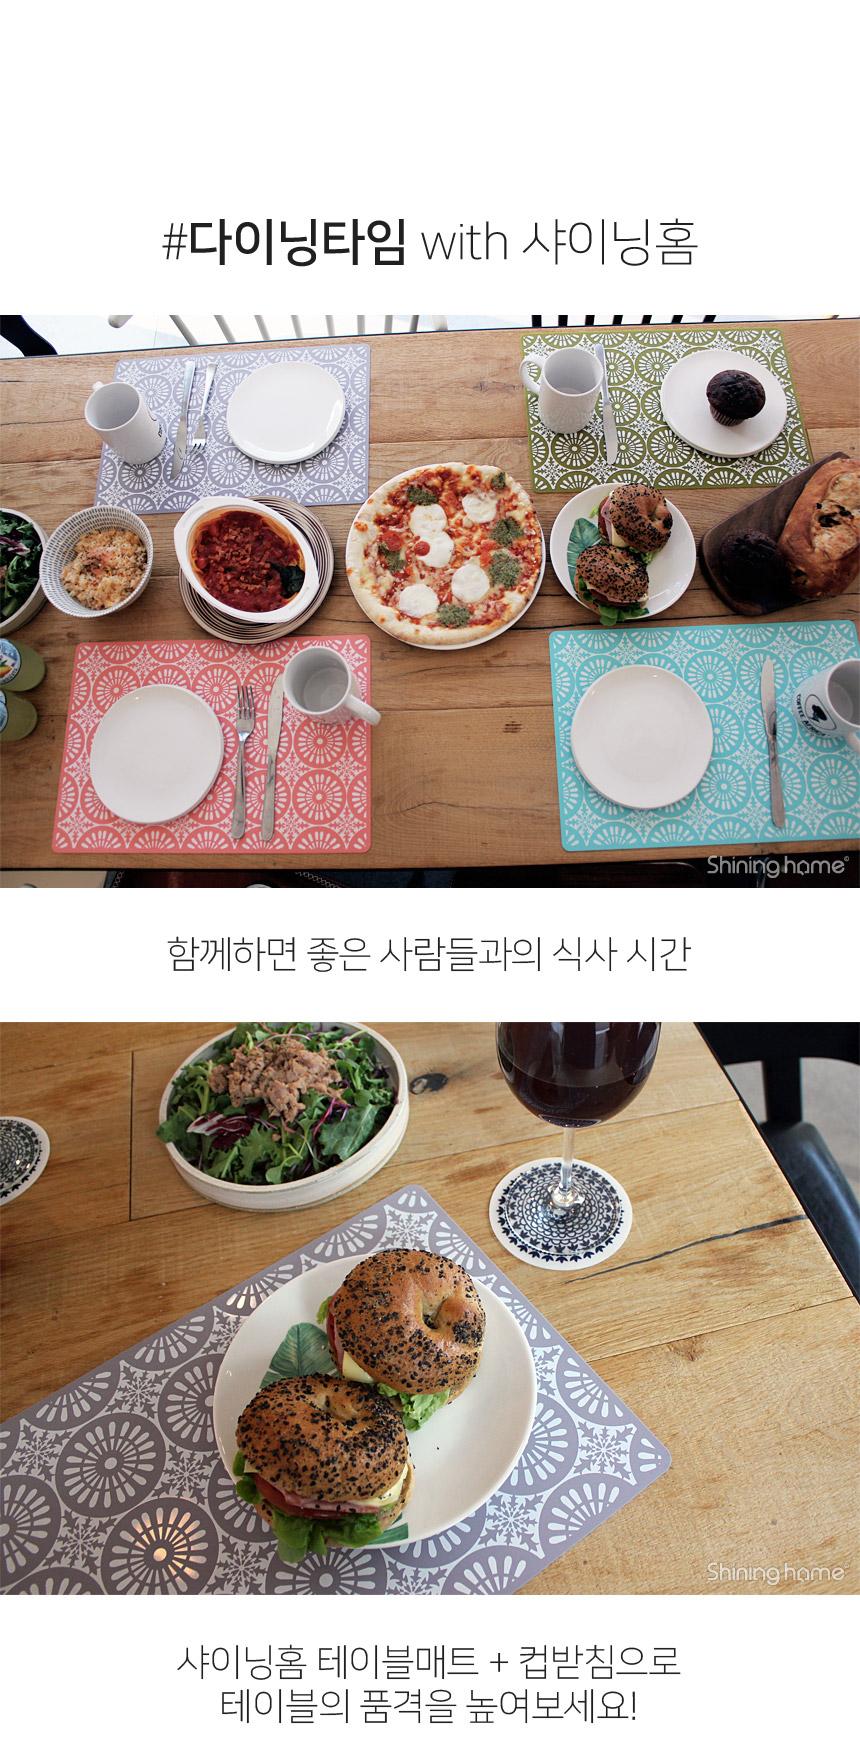 튤립 실리콘 컵받침 원형 1P - 샤이닝홈, 6,900원, 컵받침/뚜껑/홀더, 컵받침